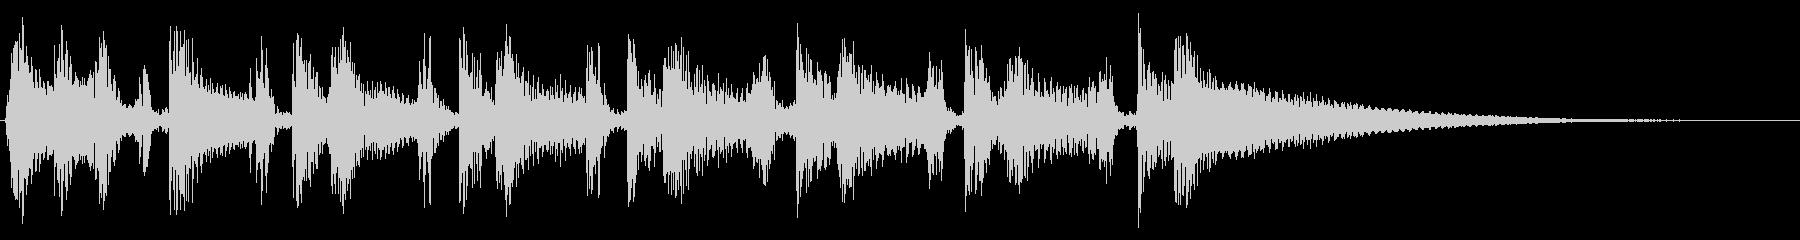 バンジョー:クイックストラミングア...の未再生の波形